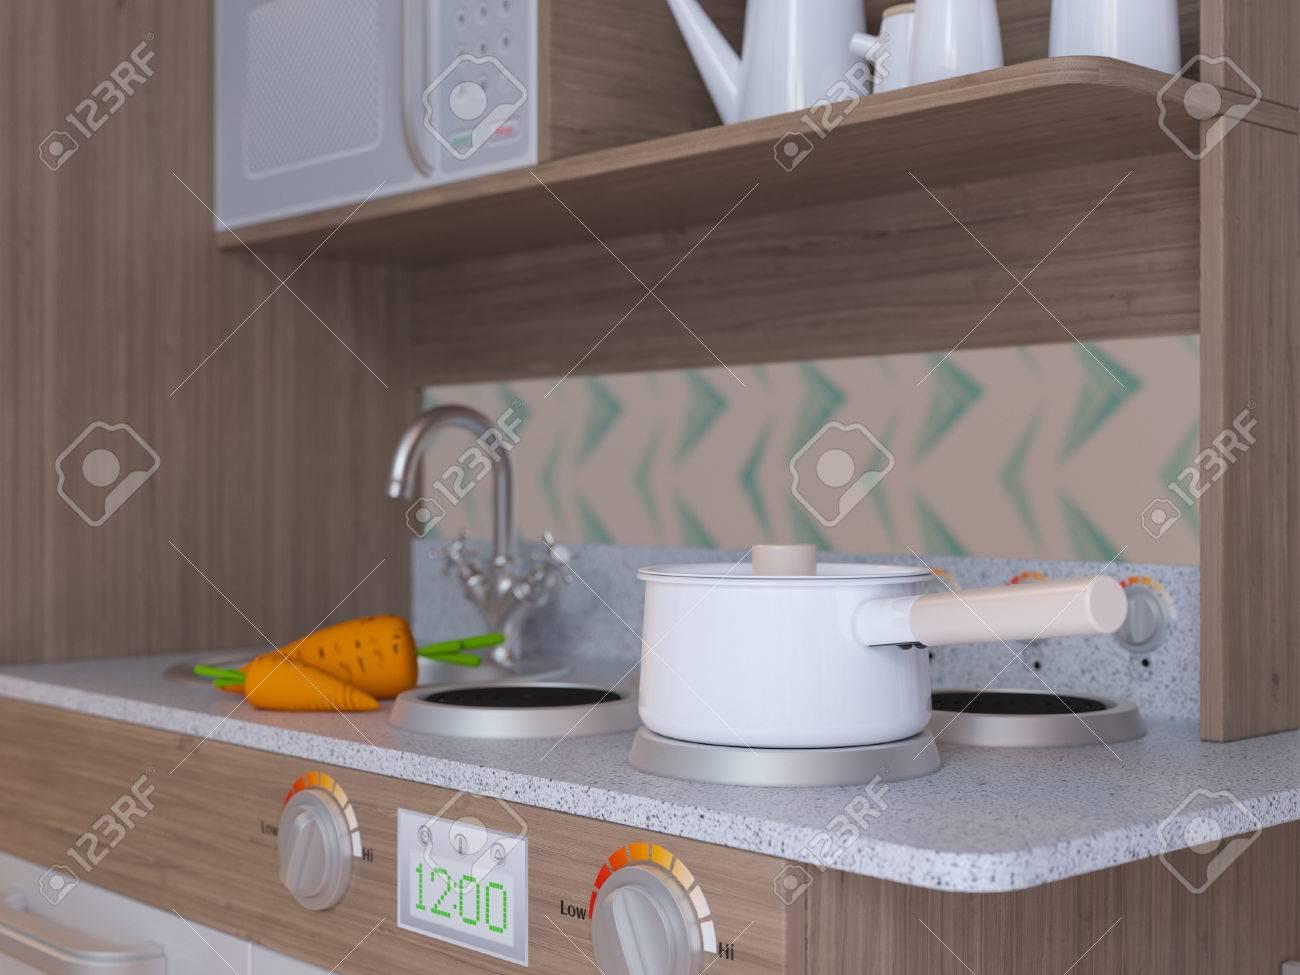 Kinder küche design interieur für das kochen vorgeben spiel mit